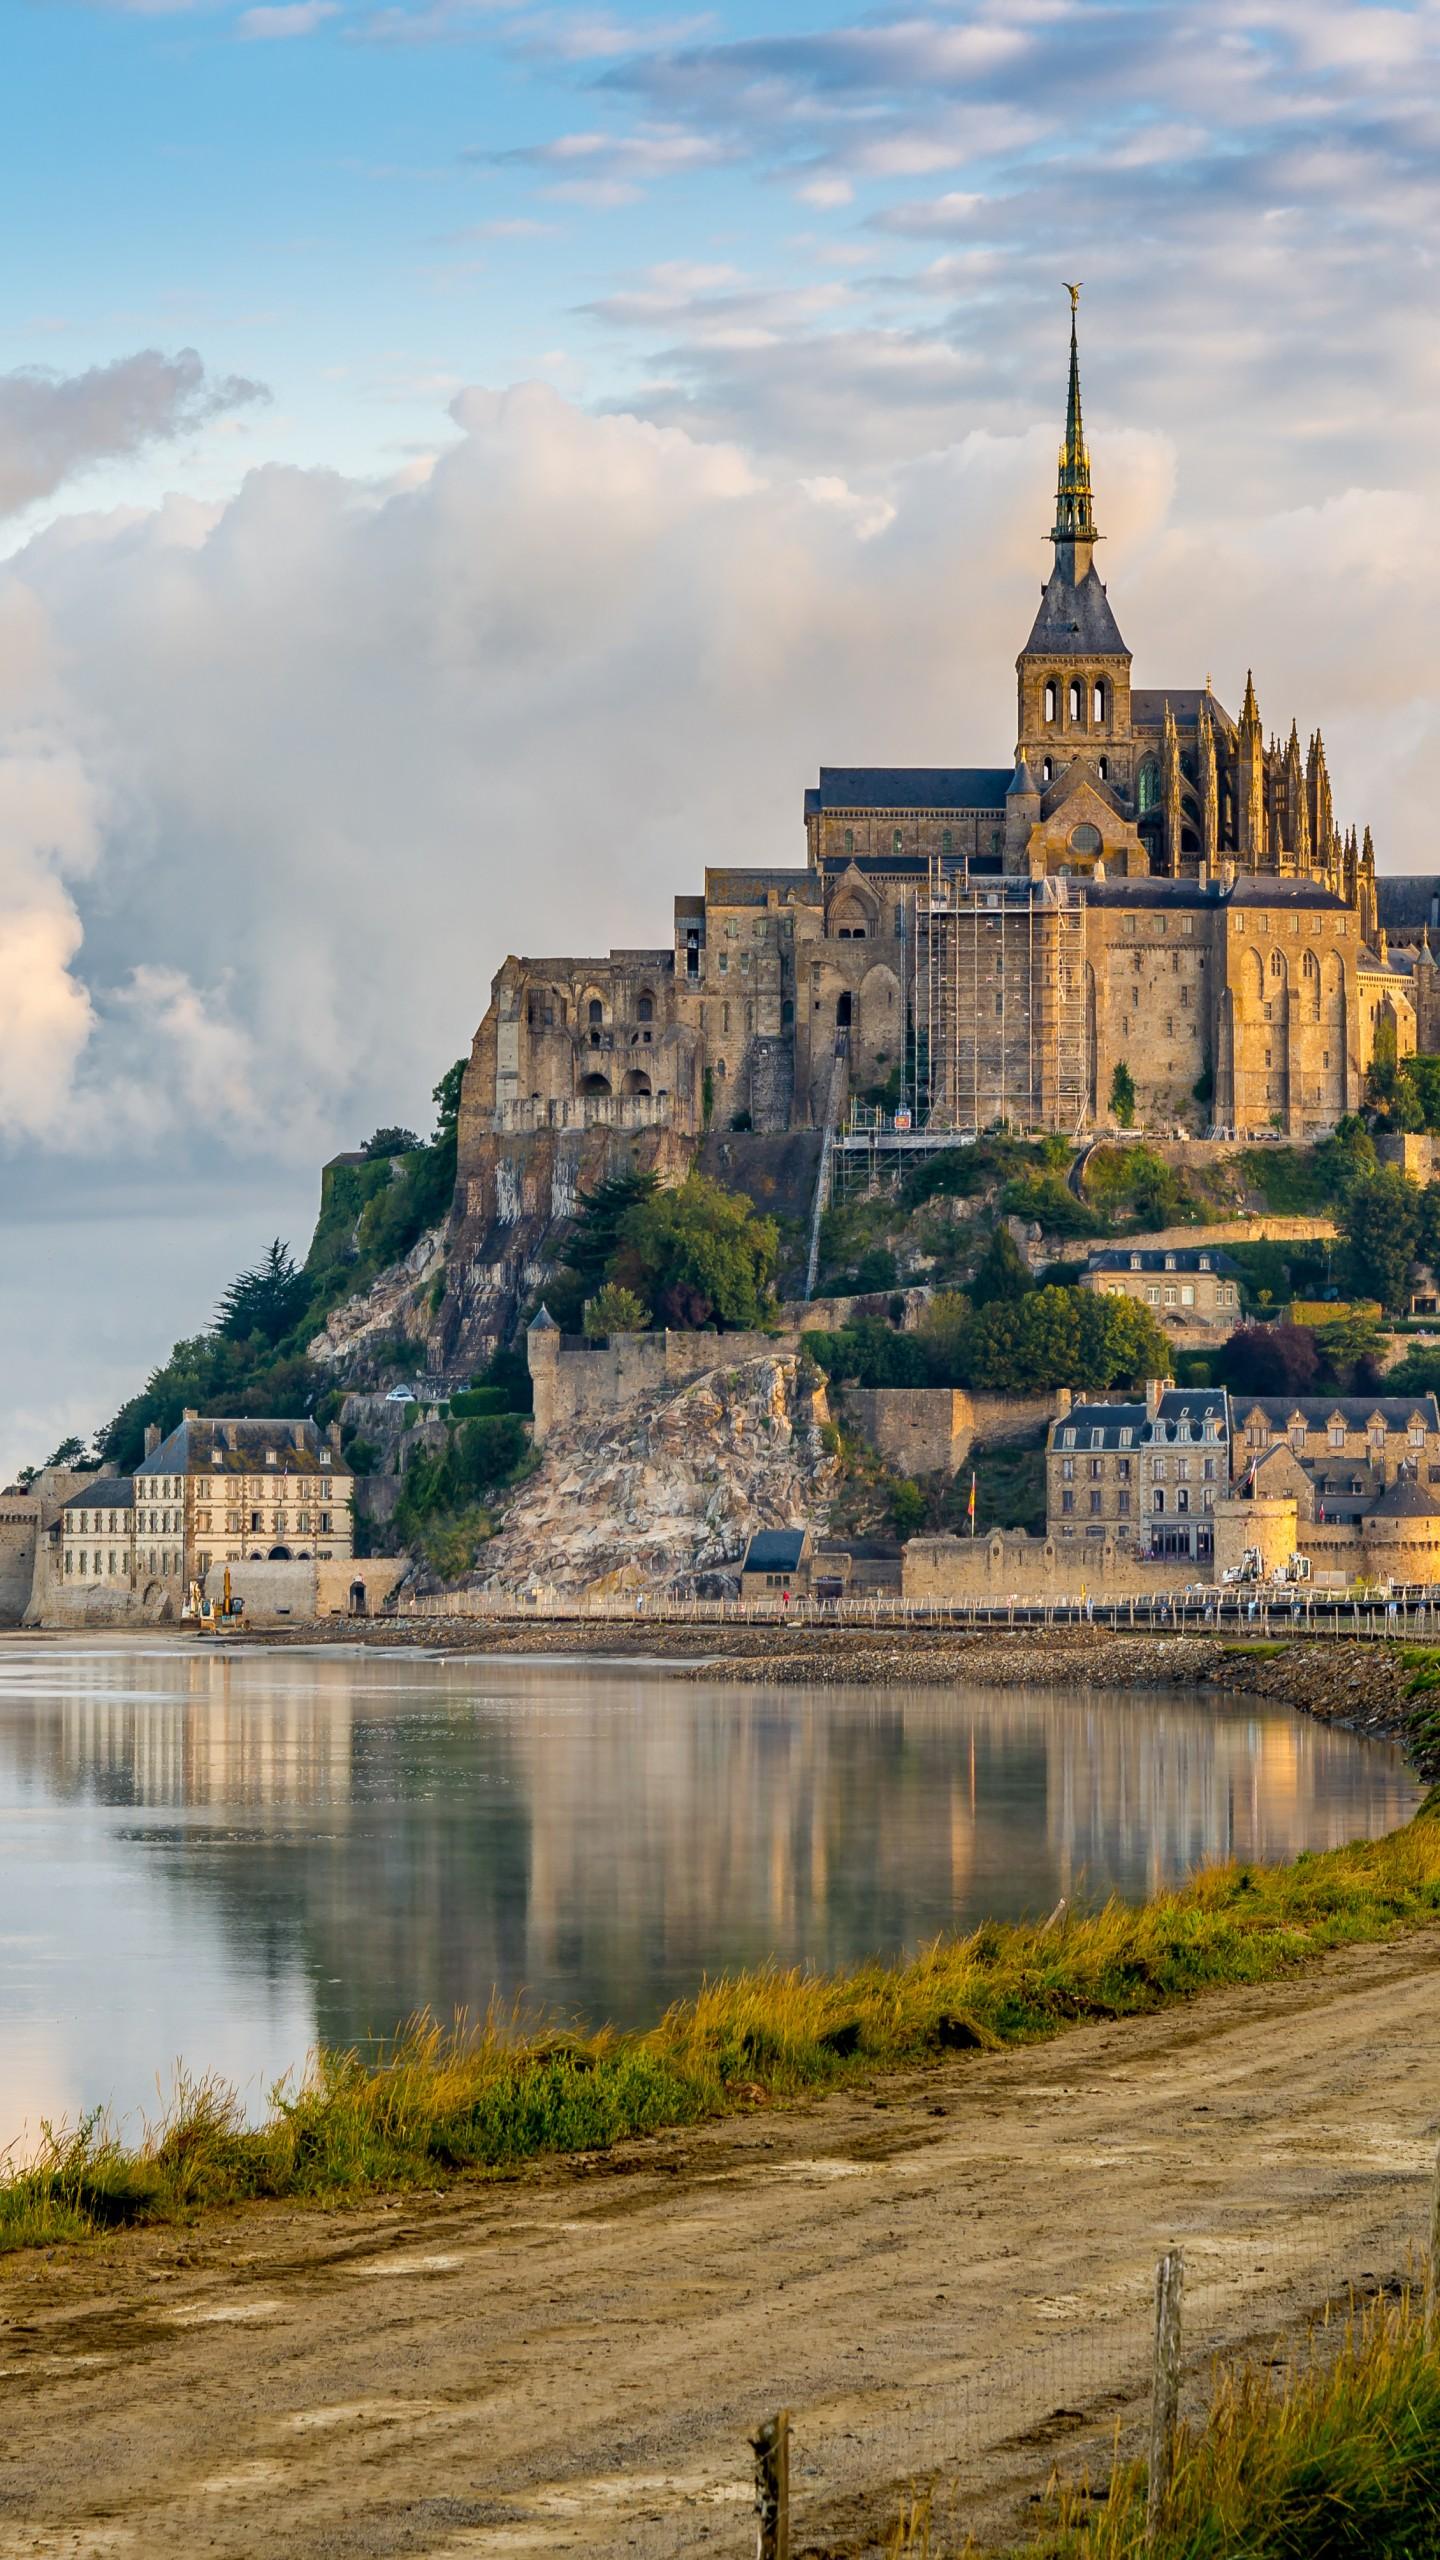 Wallpaper Hd Clouds Wallpaper Mont Saint Michel France Town Castle Tourism